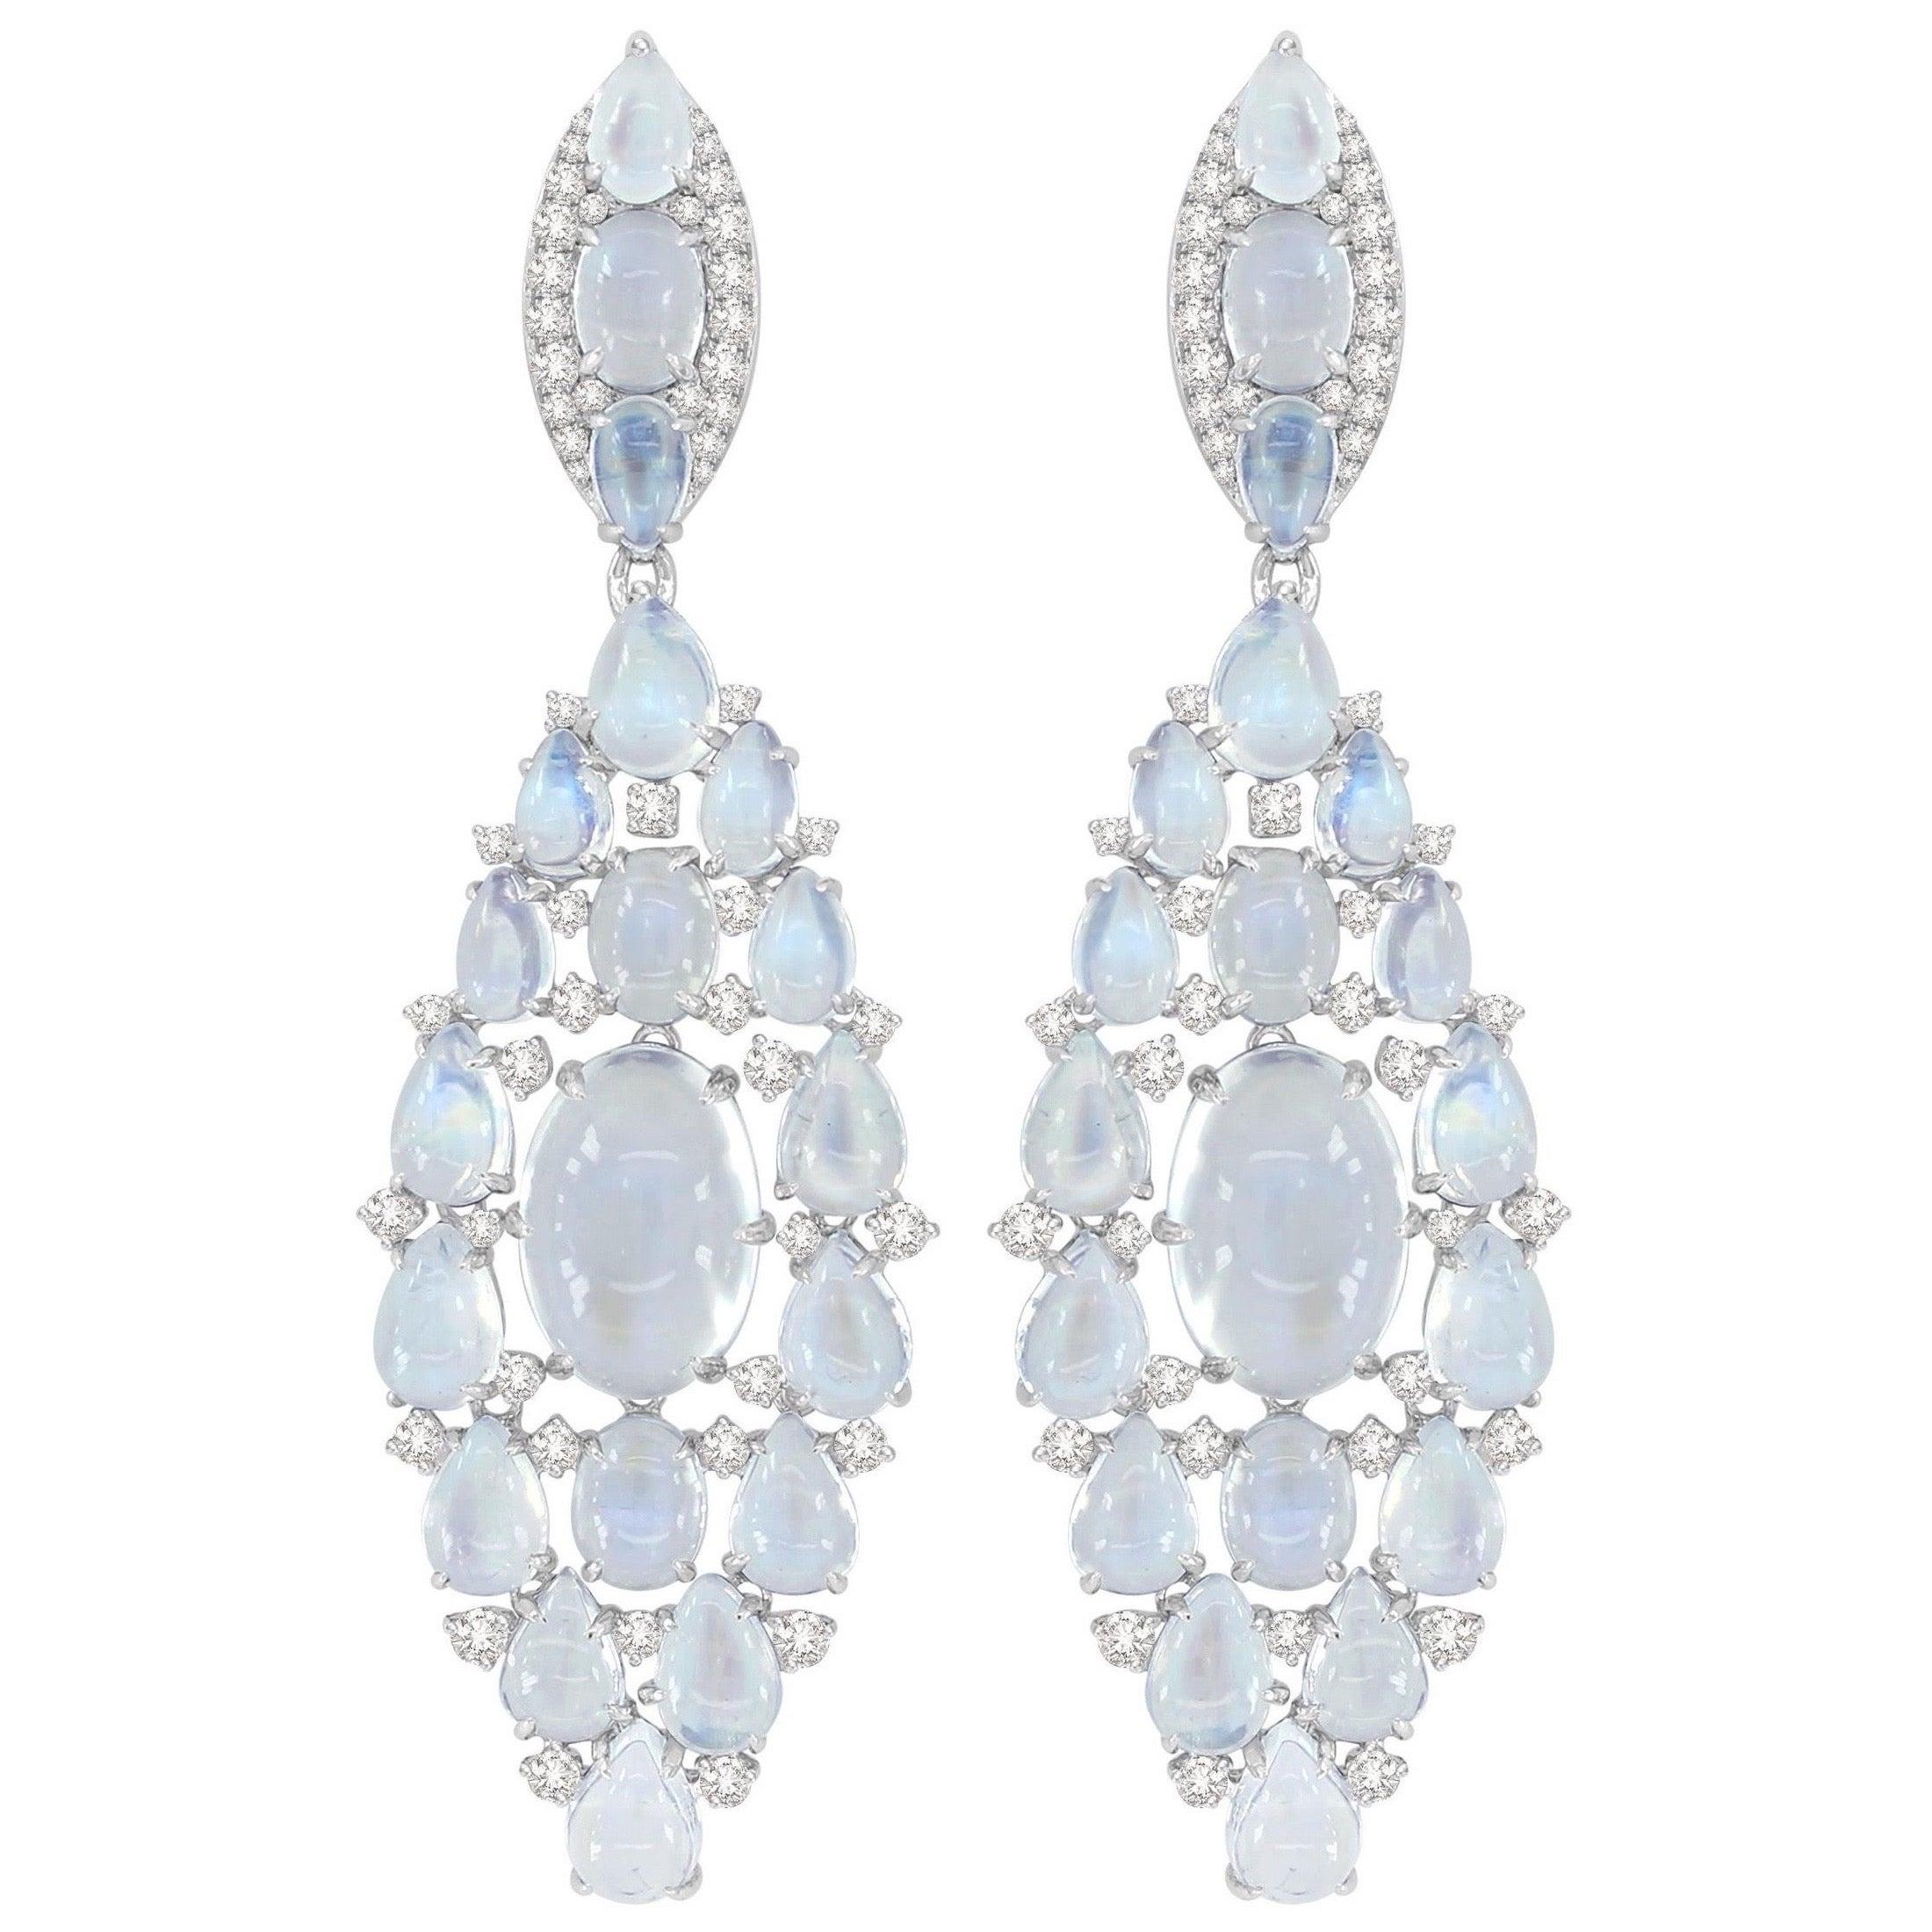 Moonstone Diamond 18 Karat White Gold Earrings